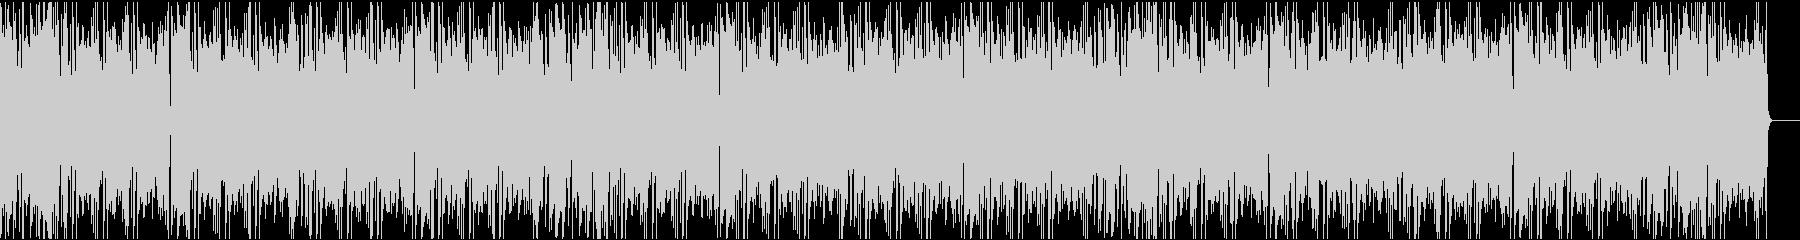 かわいいコミカル/カラオケ/イントロ8秒の未再生の波形